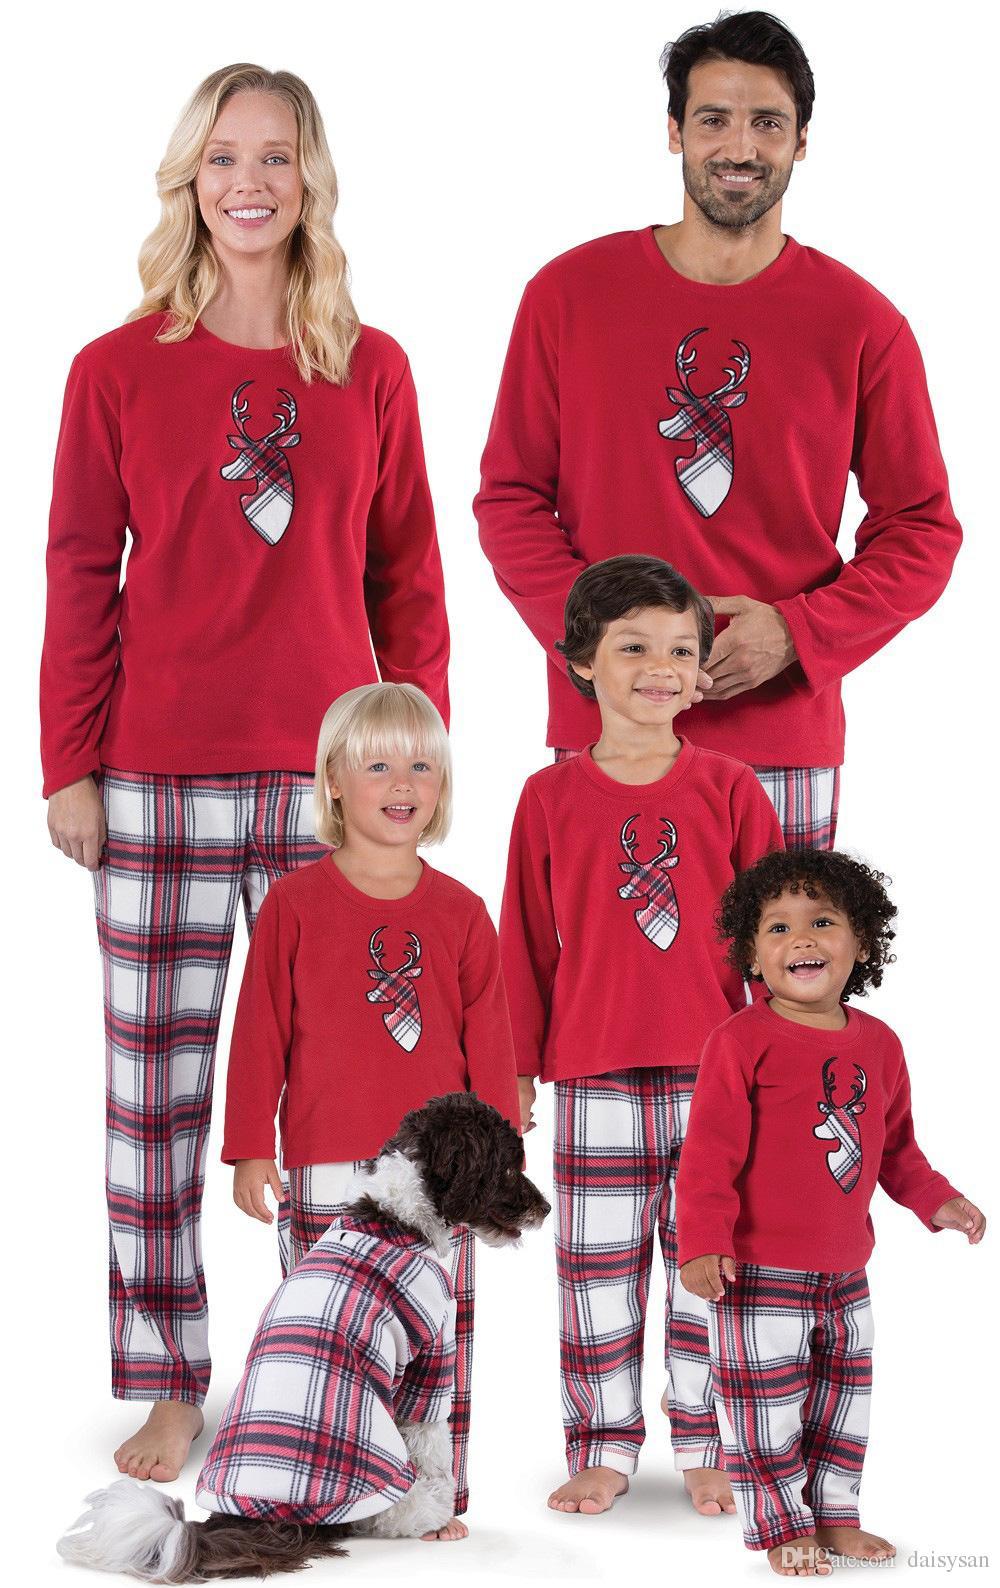 56f6658acb3f5 Acheter Ensemble De Pyjama Assorti Pour Noël Noël Vêtements De Nuit Parents  Enfant Vêtements De Nuit Père Noël Imprimé Tops + Pantalons Plaids De $9.77  Du ...